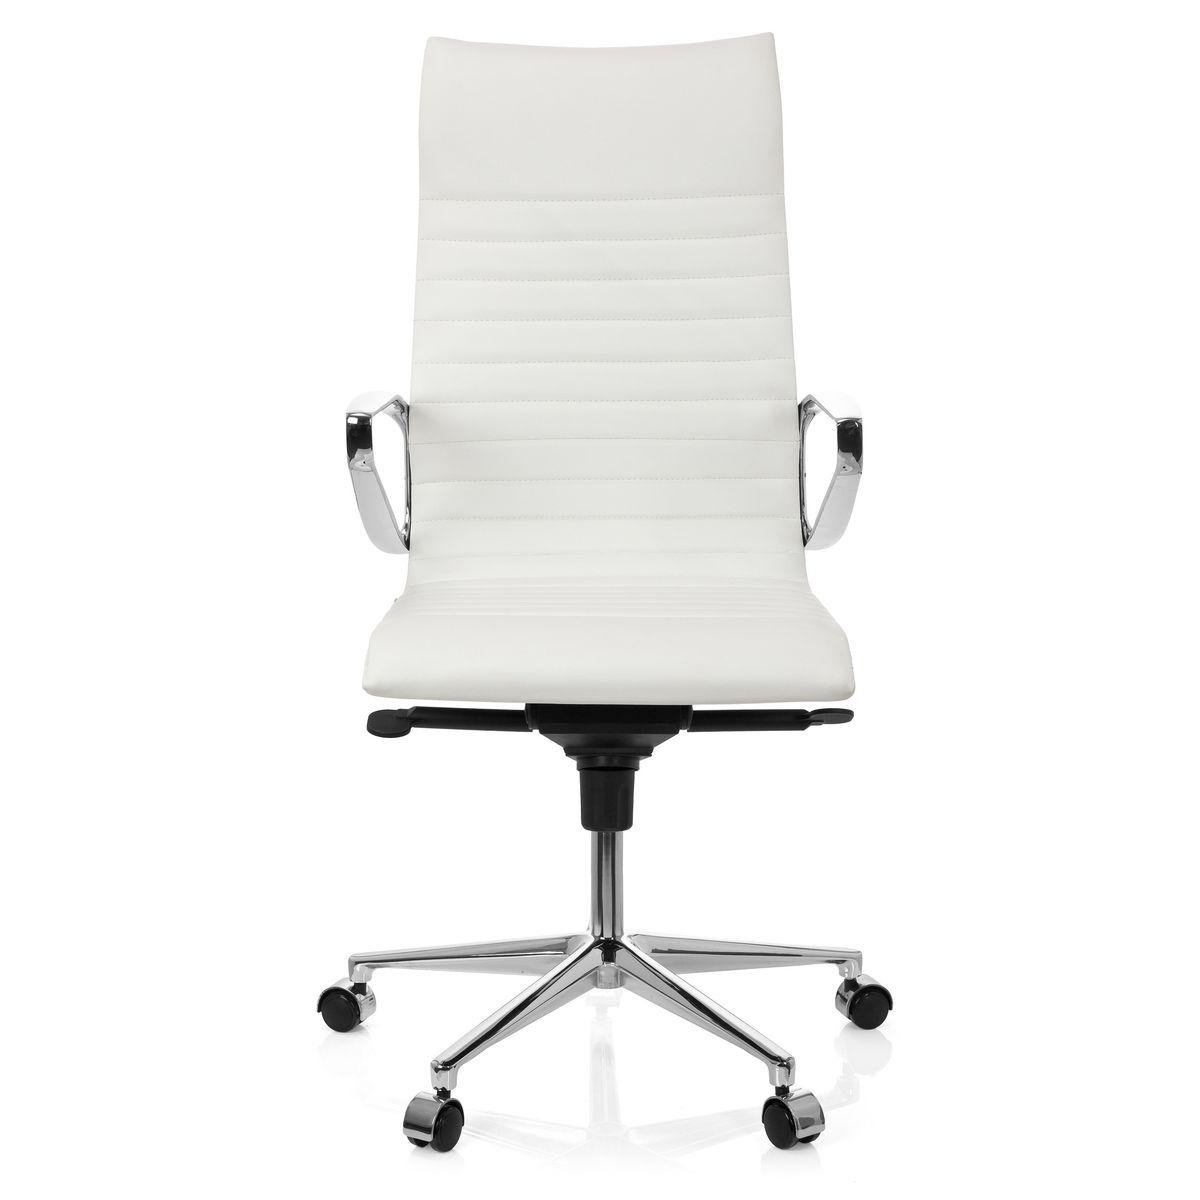 Chaise de bureau Fauteuil de direction PARIBA I cuir blanc hjh